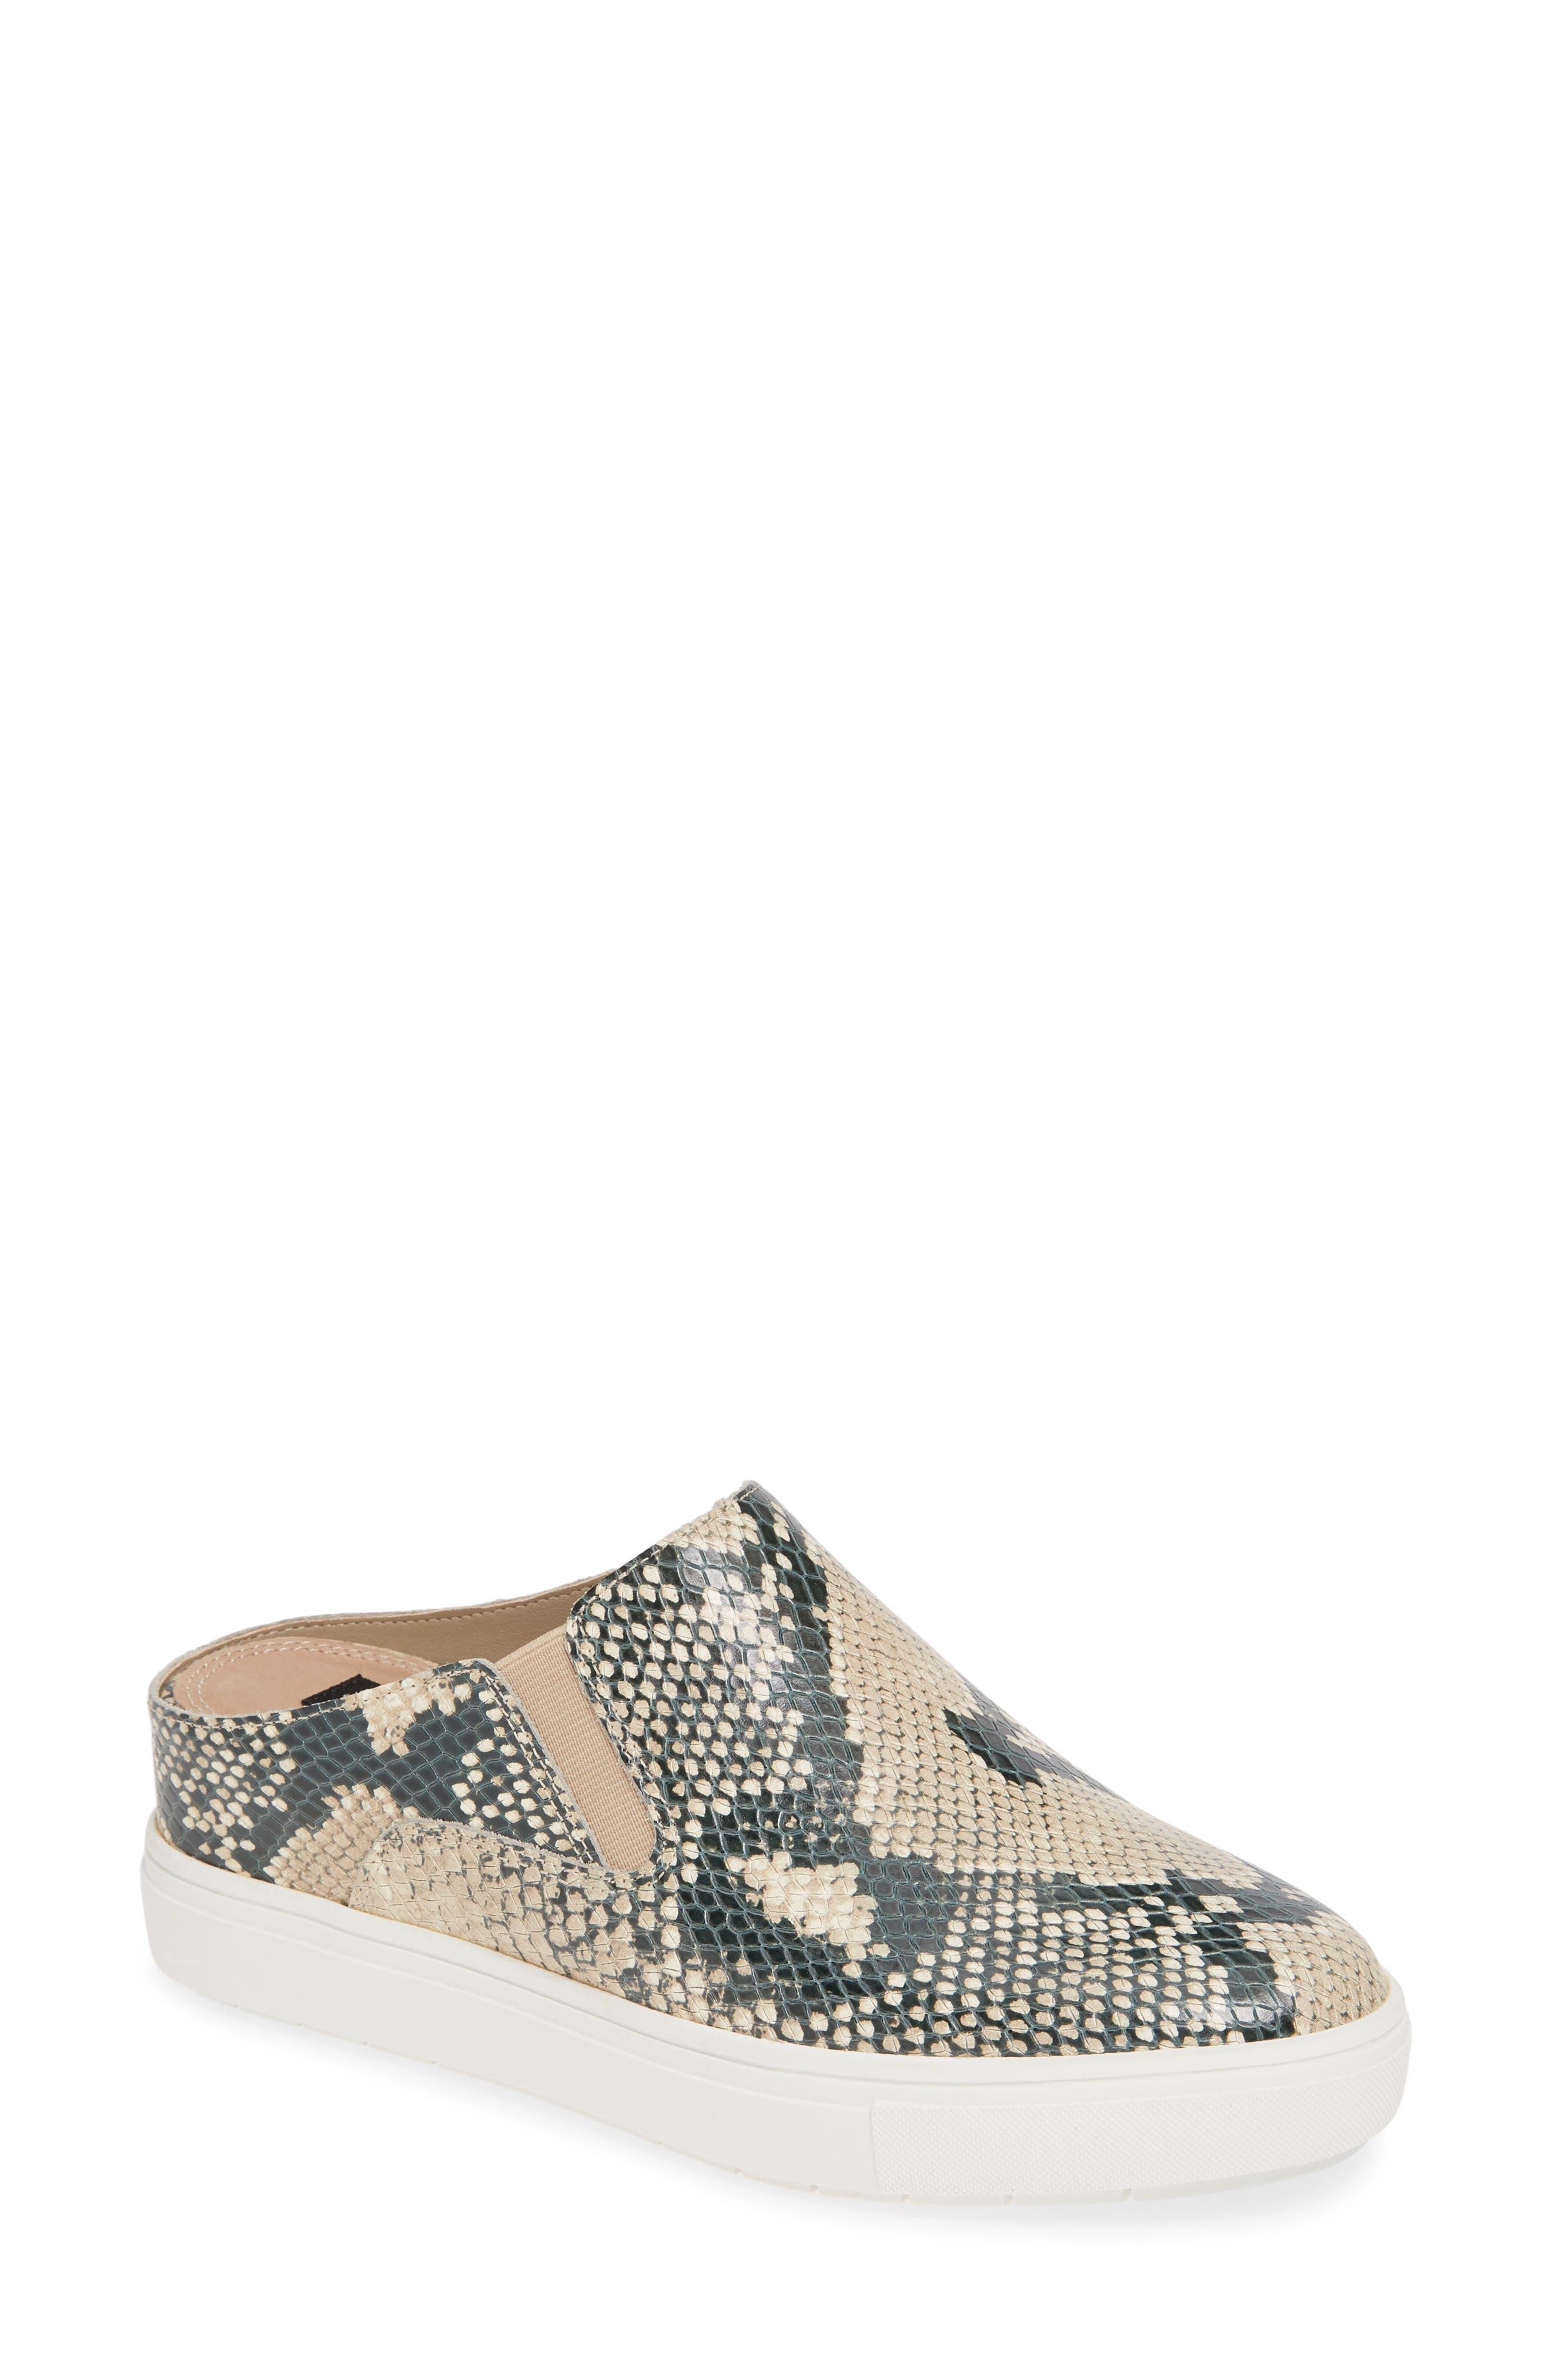 Steven By Steve Madden Claudine Slip-On Sneaker, Beige